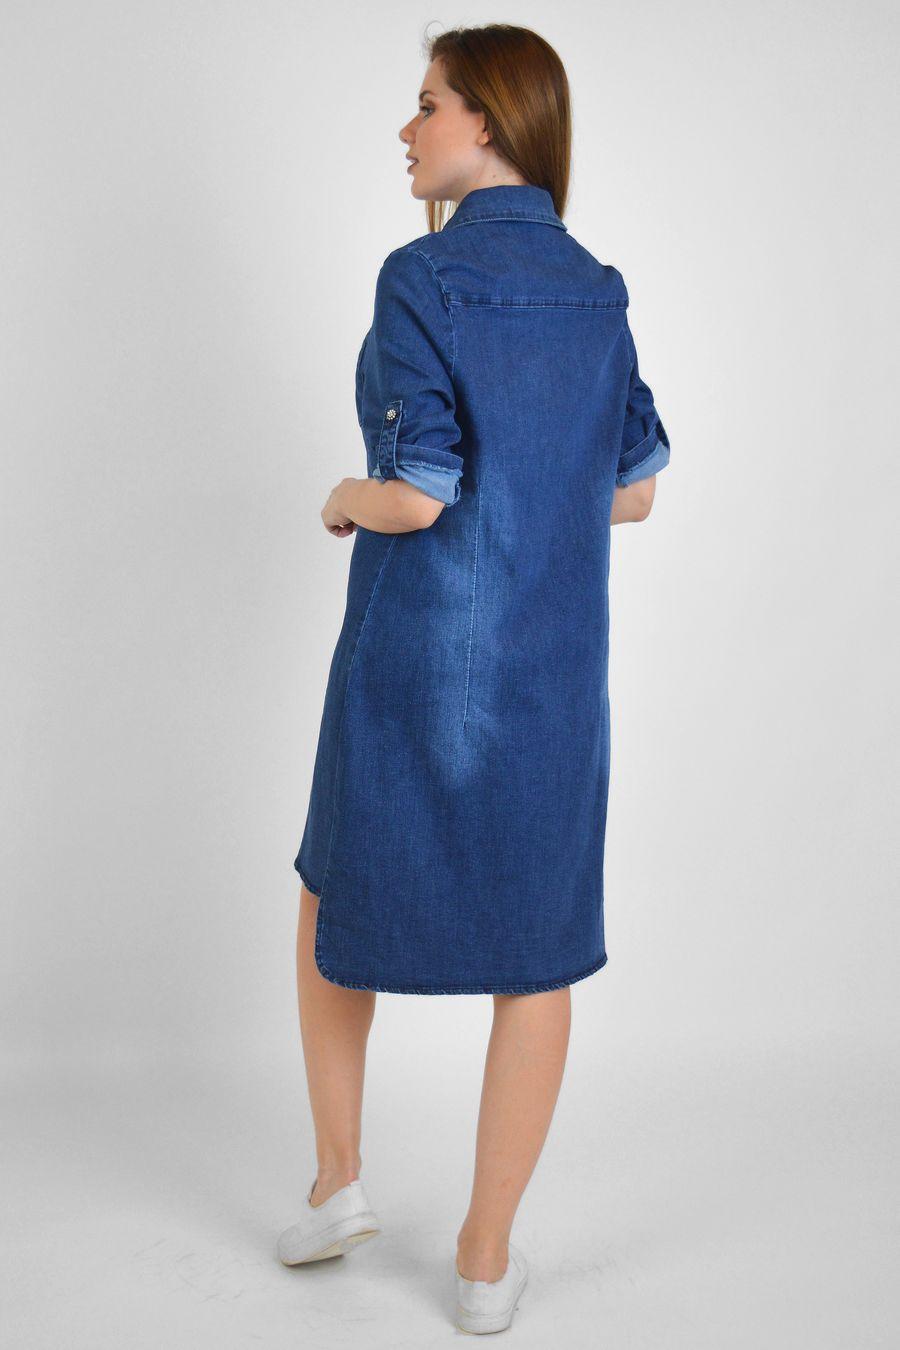 Платье женское Baccino M006 джинсовое - фото 5